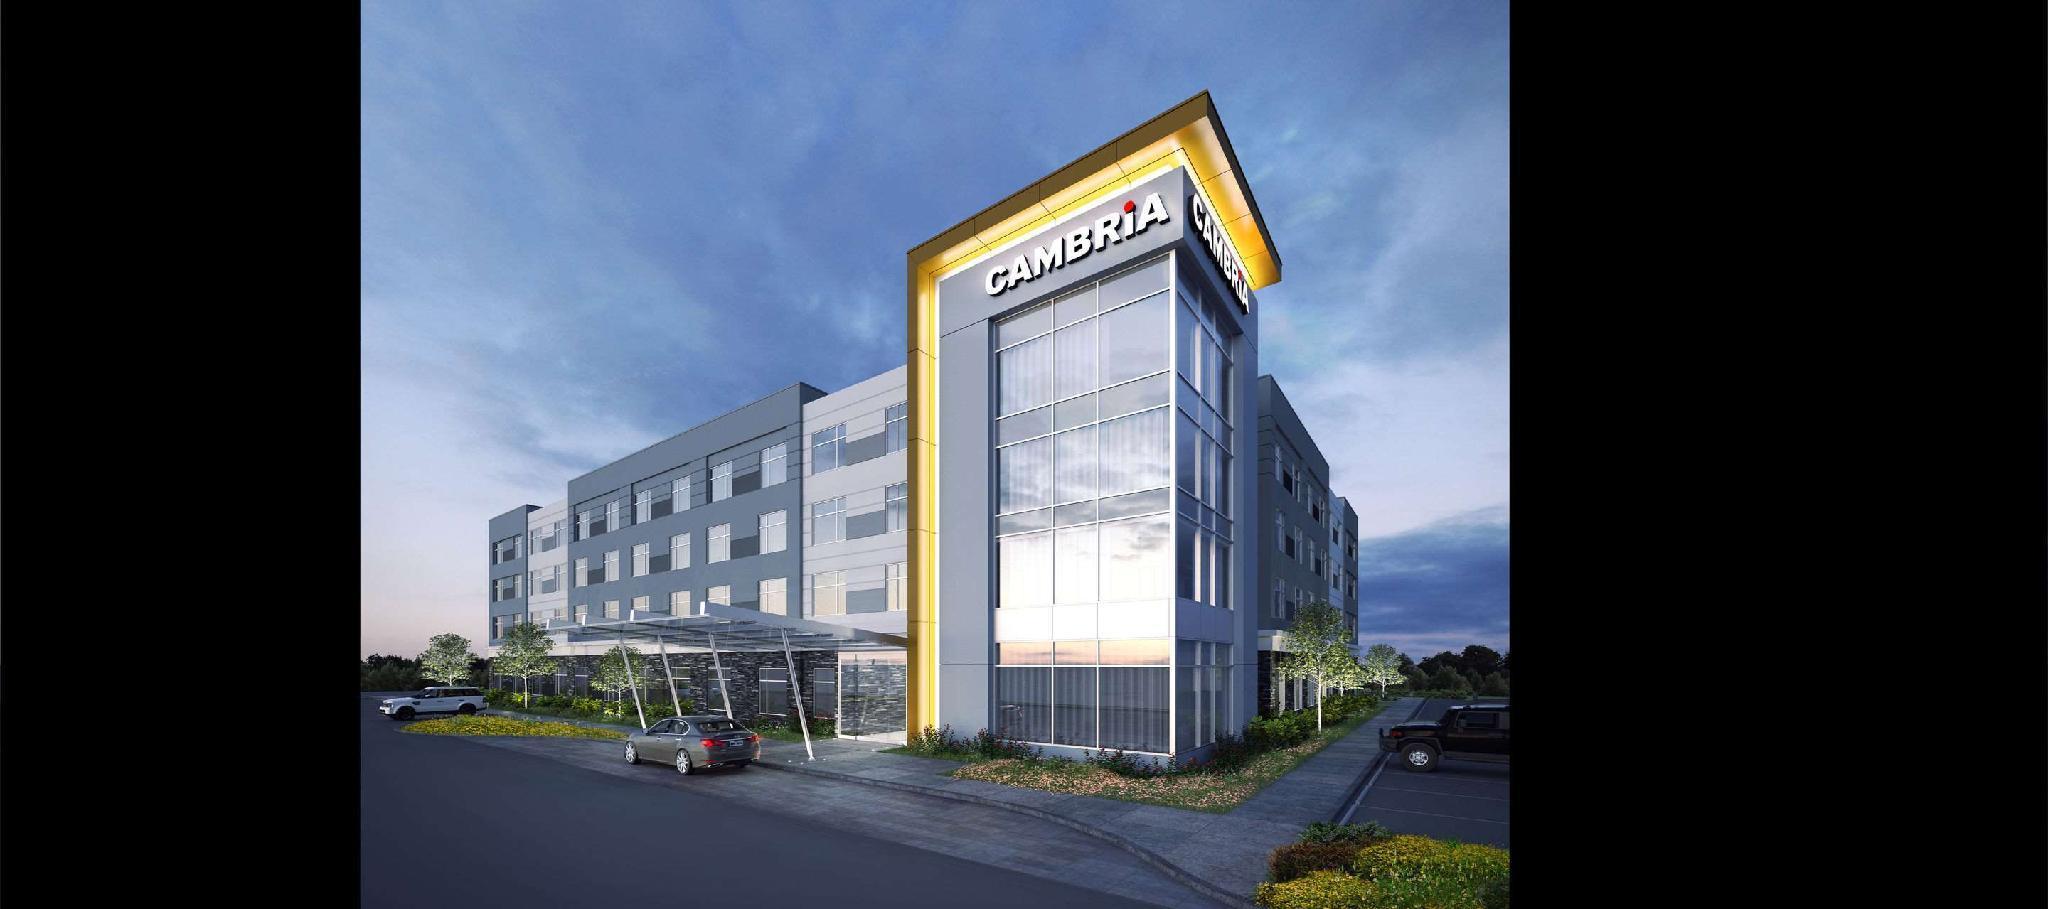 Cambria Hotel Bettendorf   Quad Cities